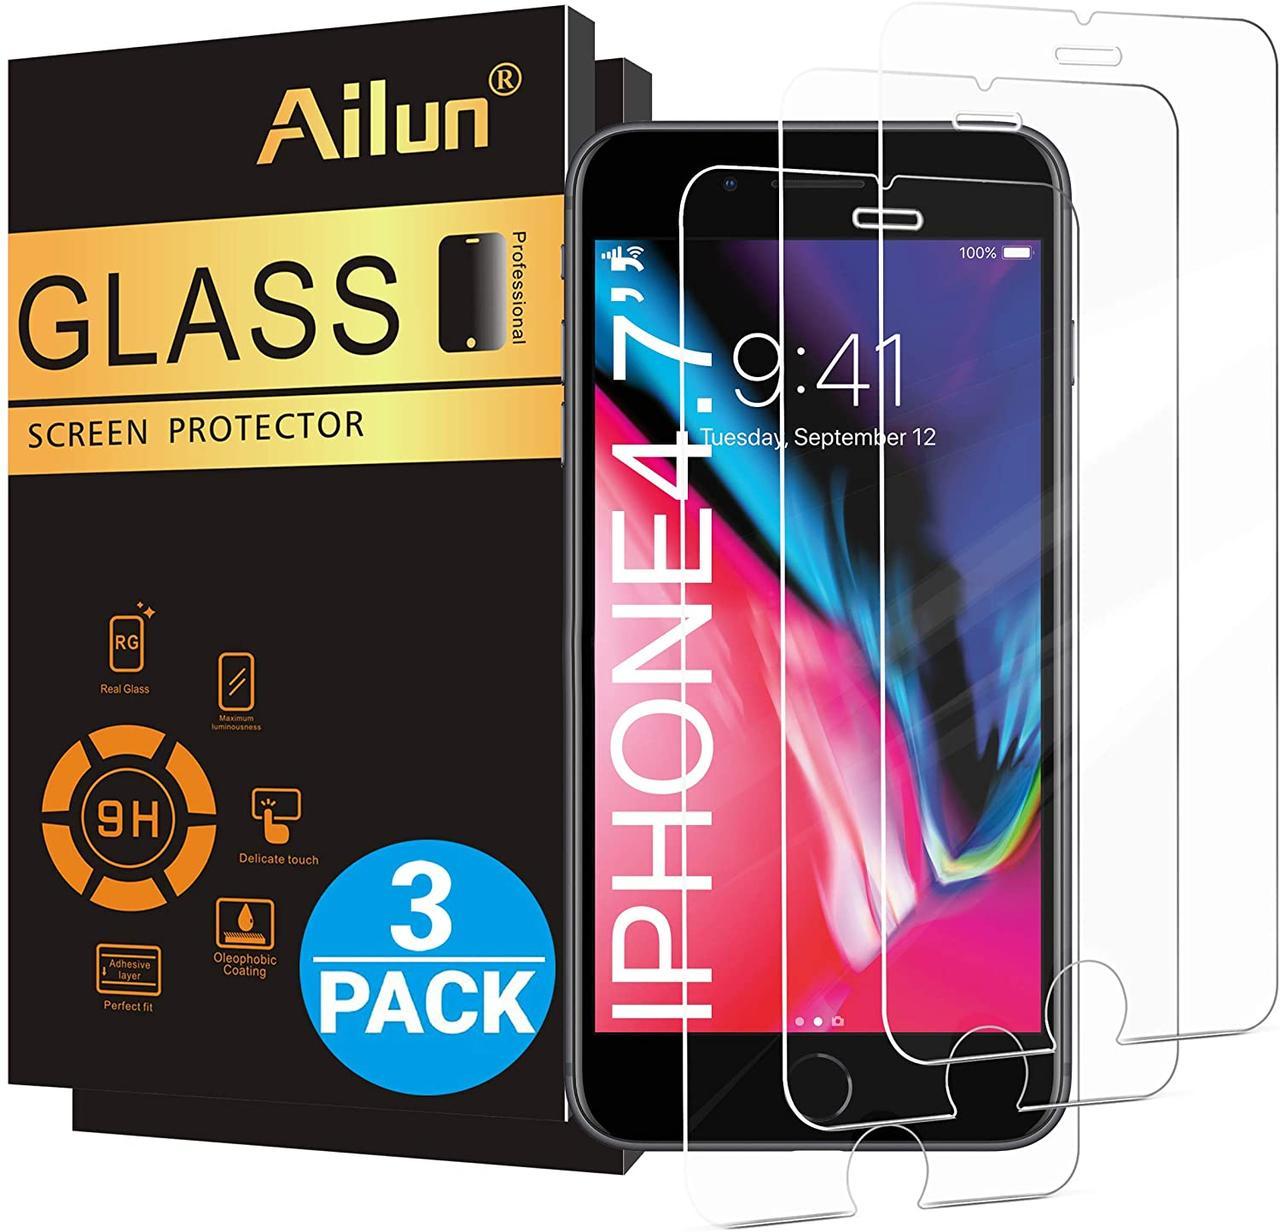 """Защитное стекло Ailun для iPhone 8,7,6 s, 6,( 4,7"""") 3 штуки в упаковке"""